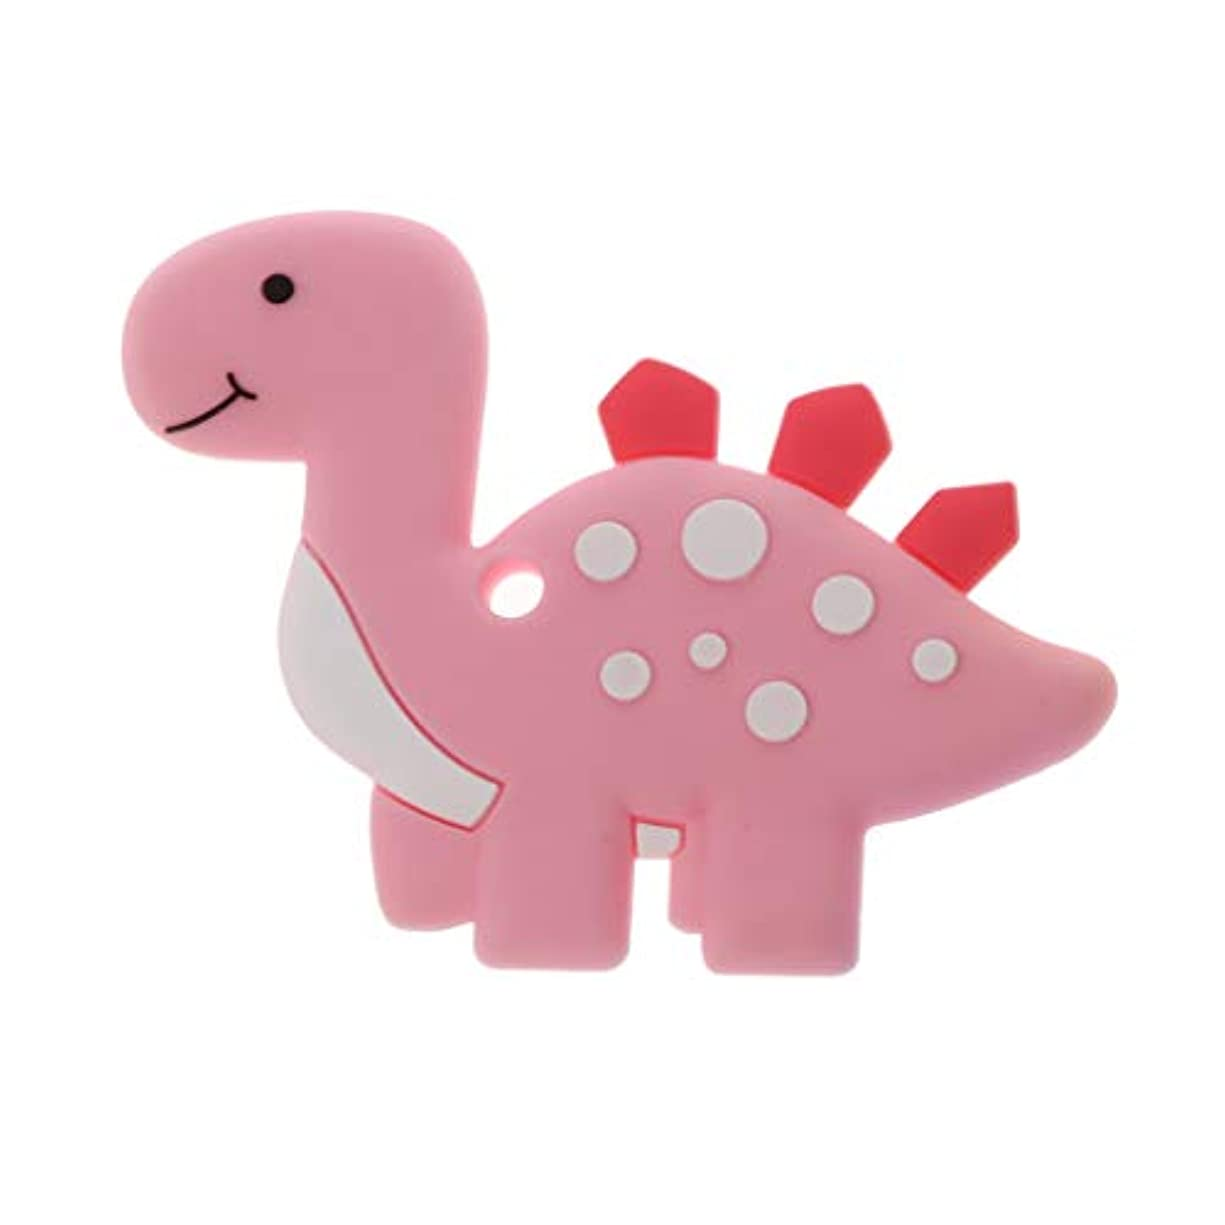 香港分類する気味の悪いLanddumシリコーンおしゃぶり恐竜おしゃべり赤ちゃん看護玩具かむ玩具歯が生えるガラガラおもちゃ - ロイヤルブルー